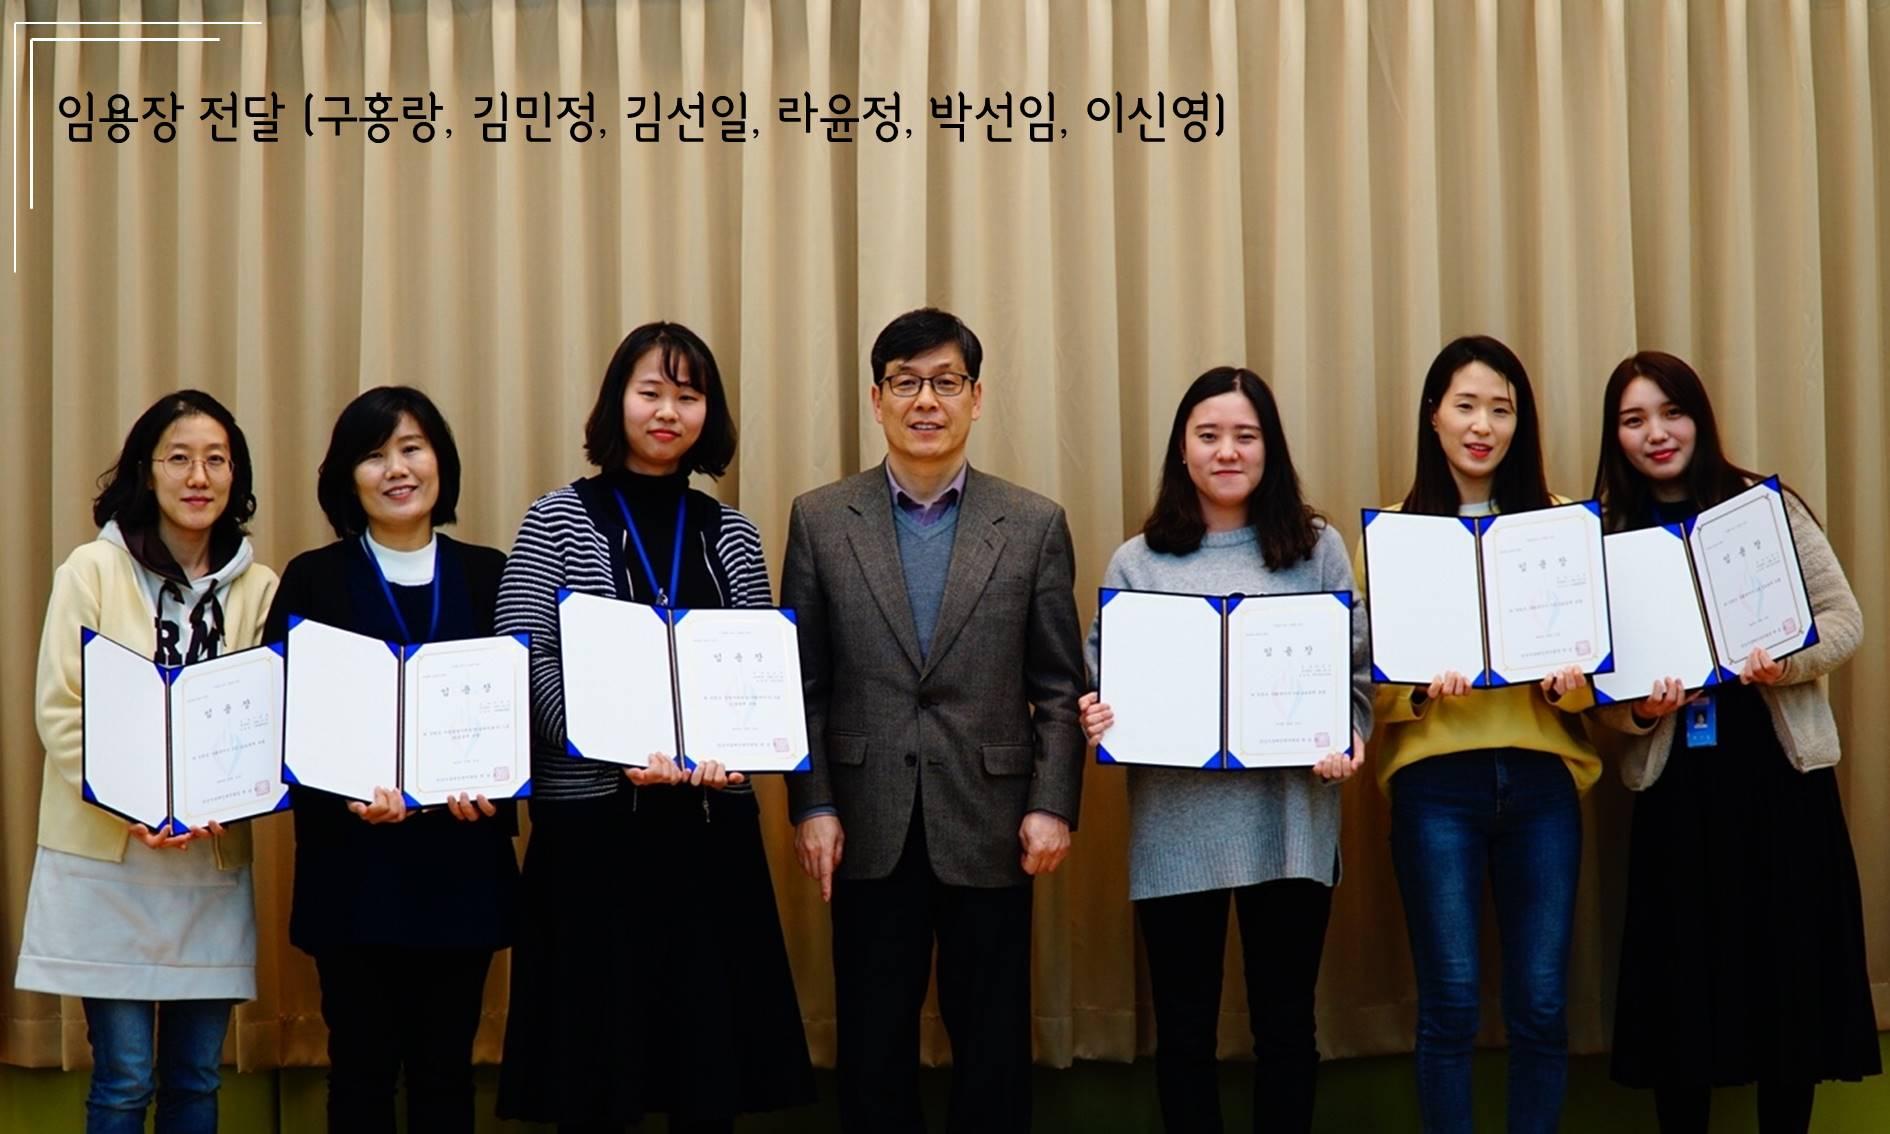 임용장 전달 (구홍랑, 김민정, 김선일, 라윤정, 박선임, 이신영)